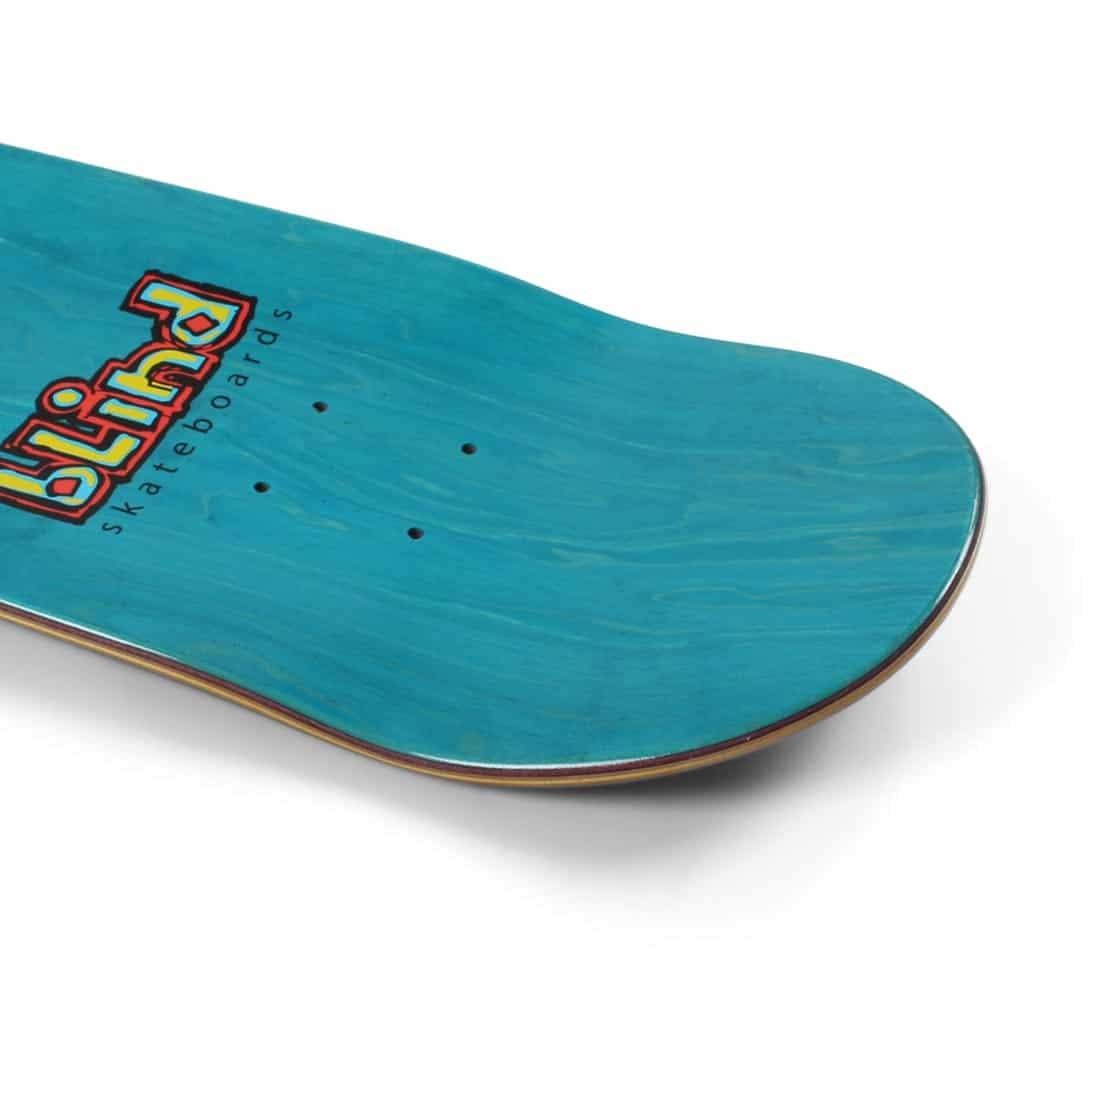 f4f6d424a0 Blind Skateboards OG Reaper R7 8.125